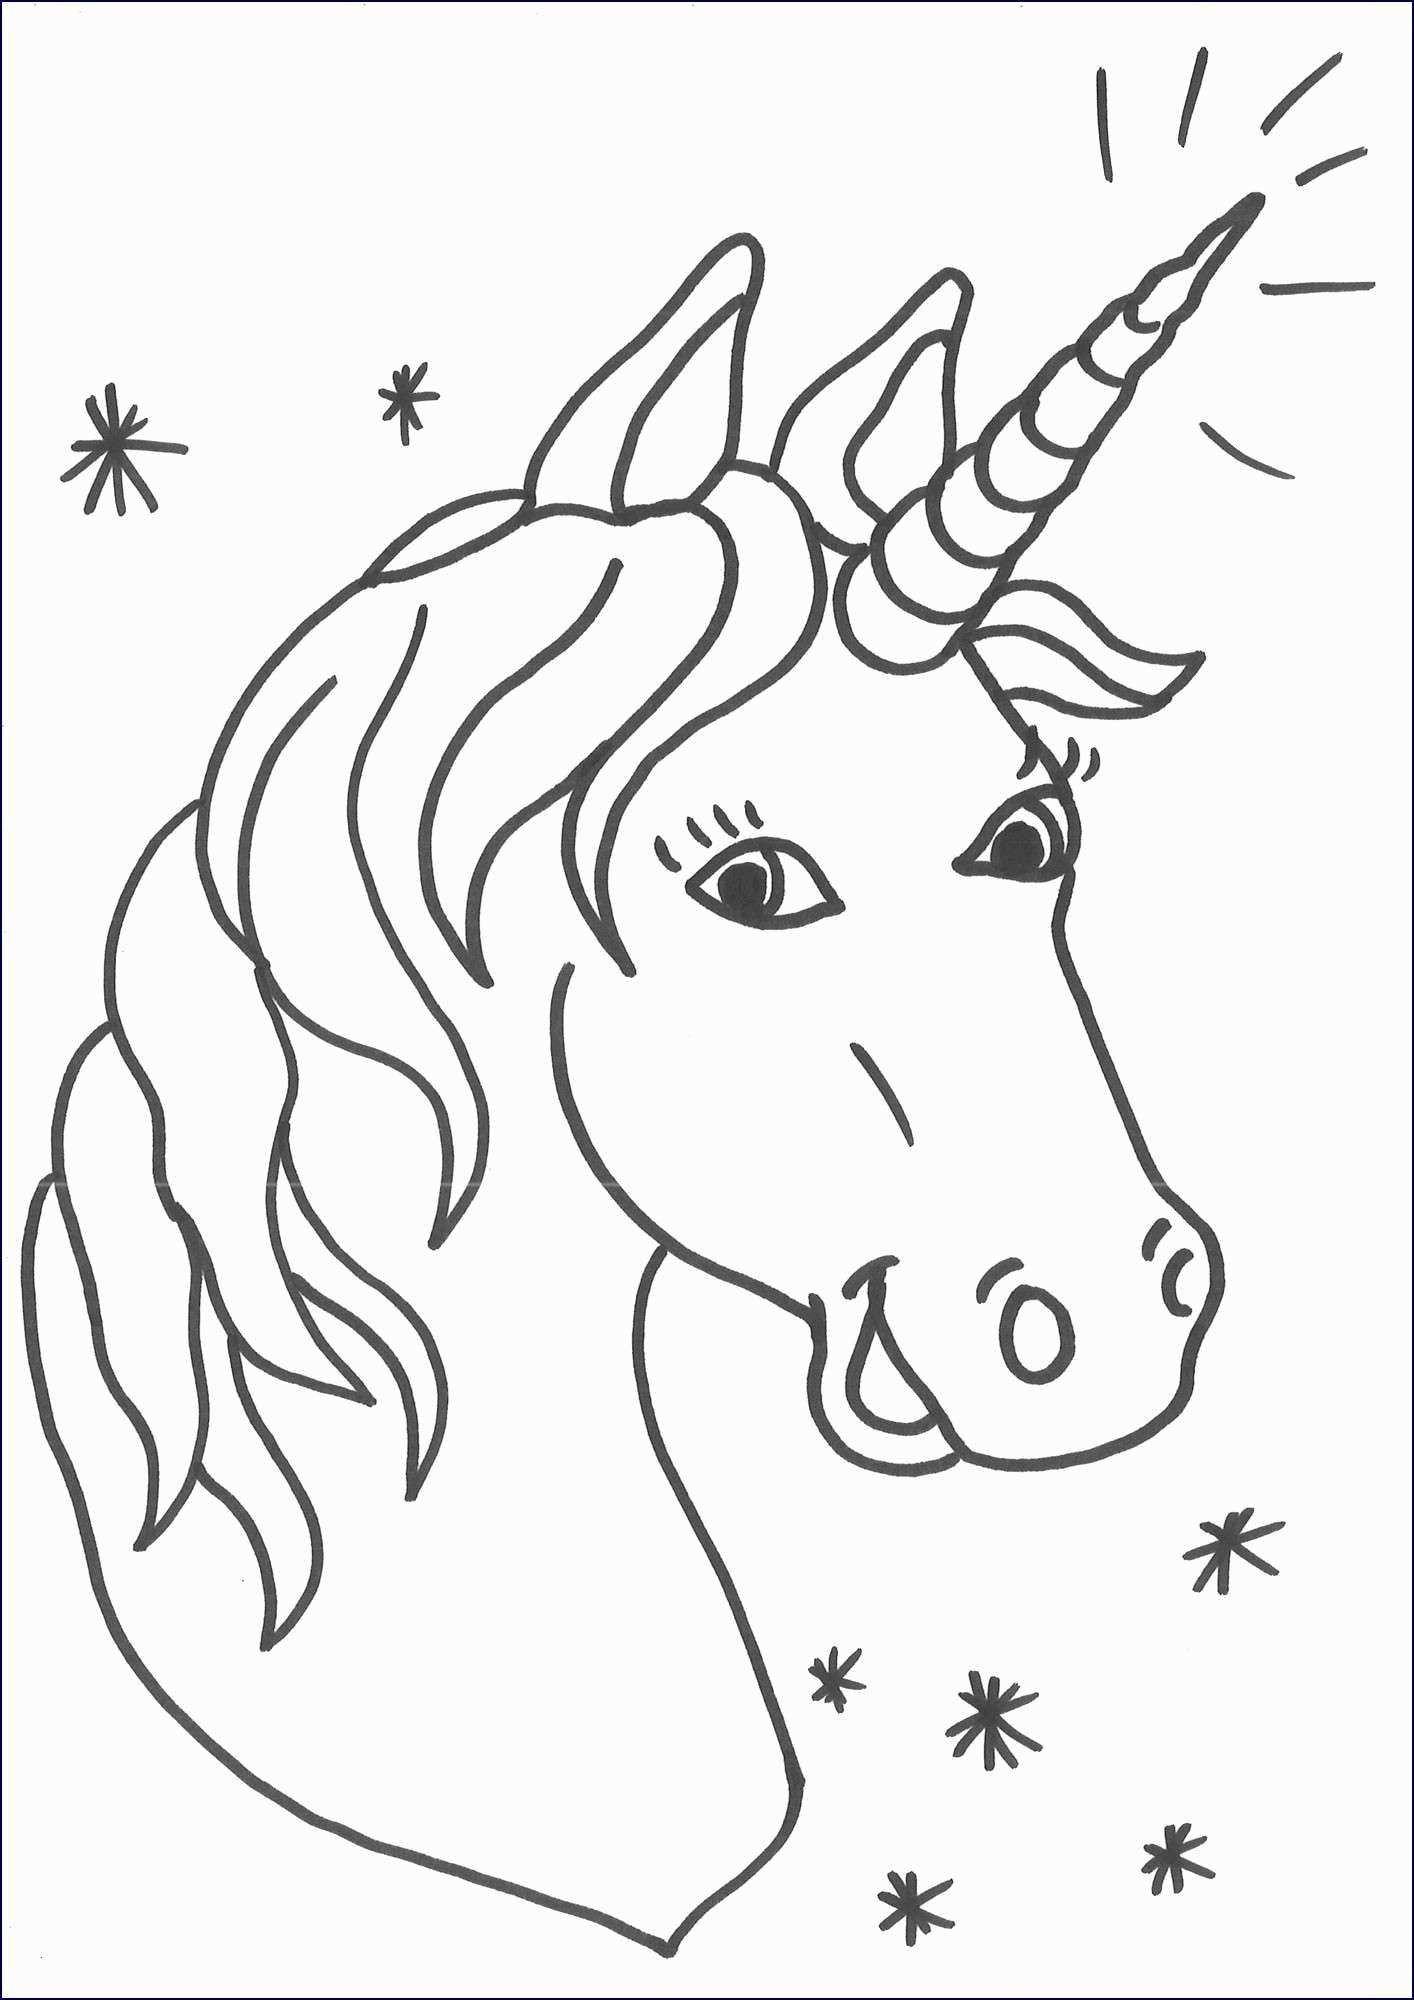 Einzigartig Prinzessin Malvorlagen Farbung Malvorlagen Malvorlagenfurkinder Unicorn Coloring Pages Coloring Pages Unicorn Drawing